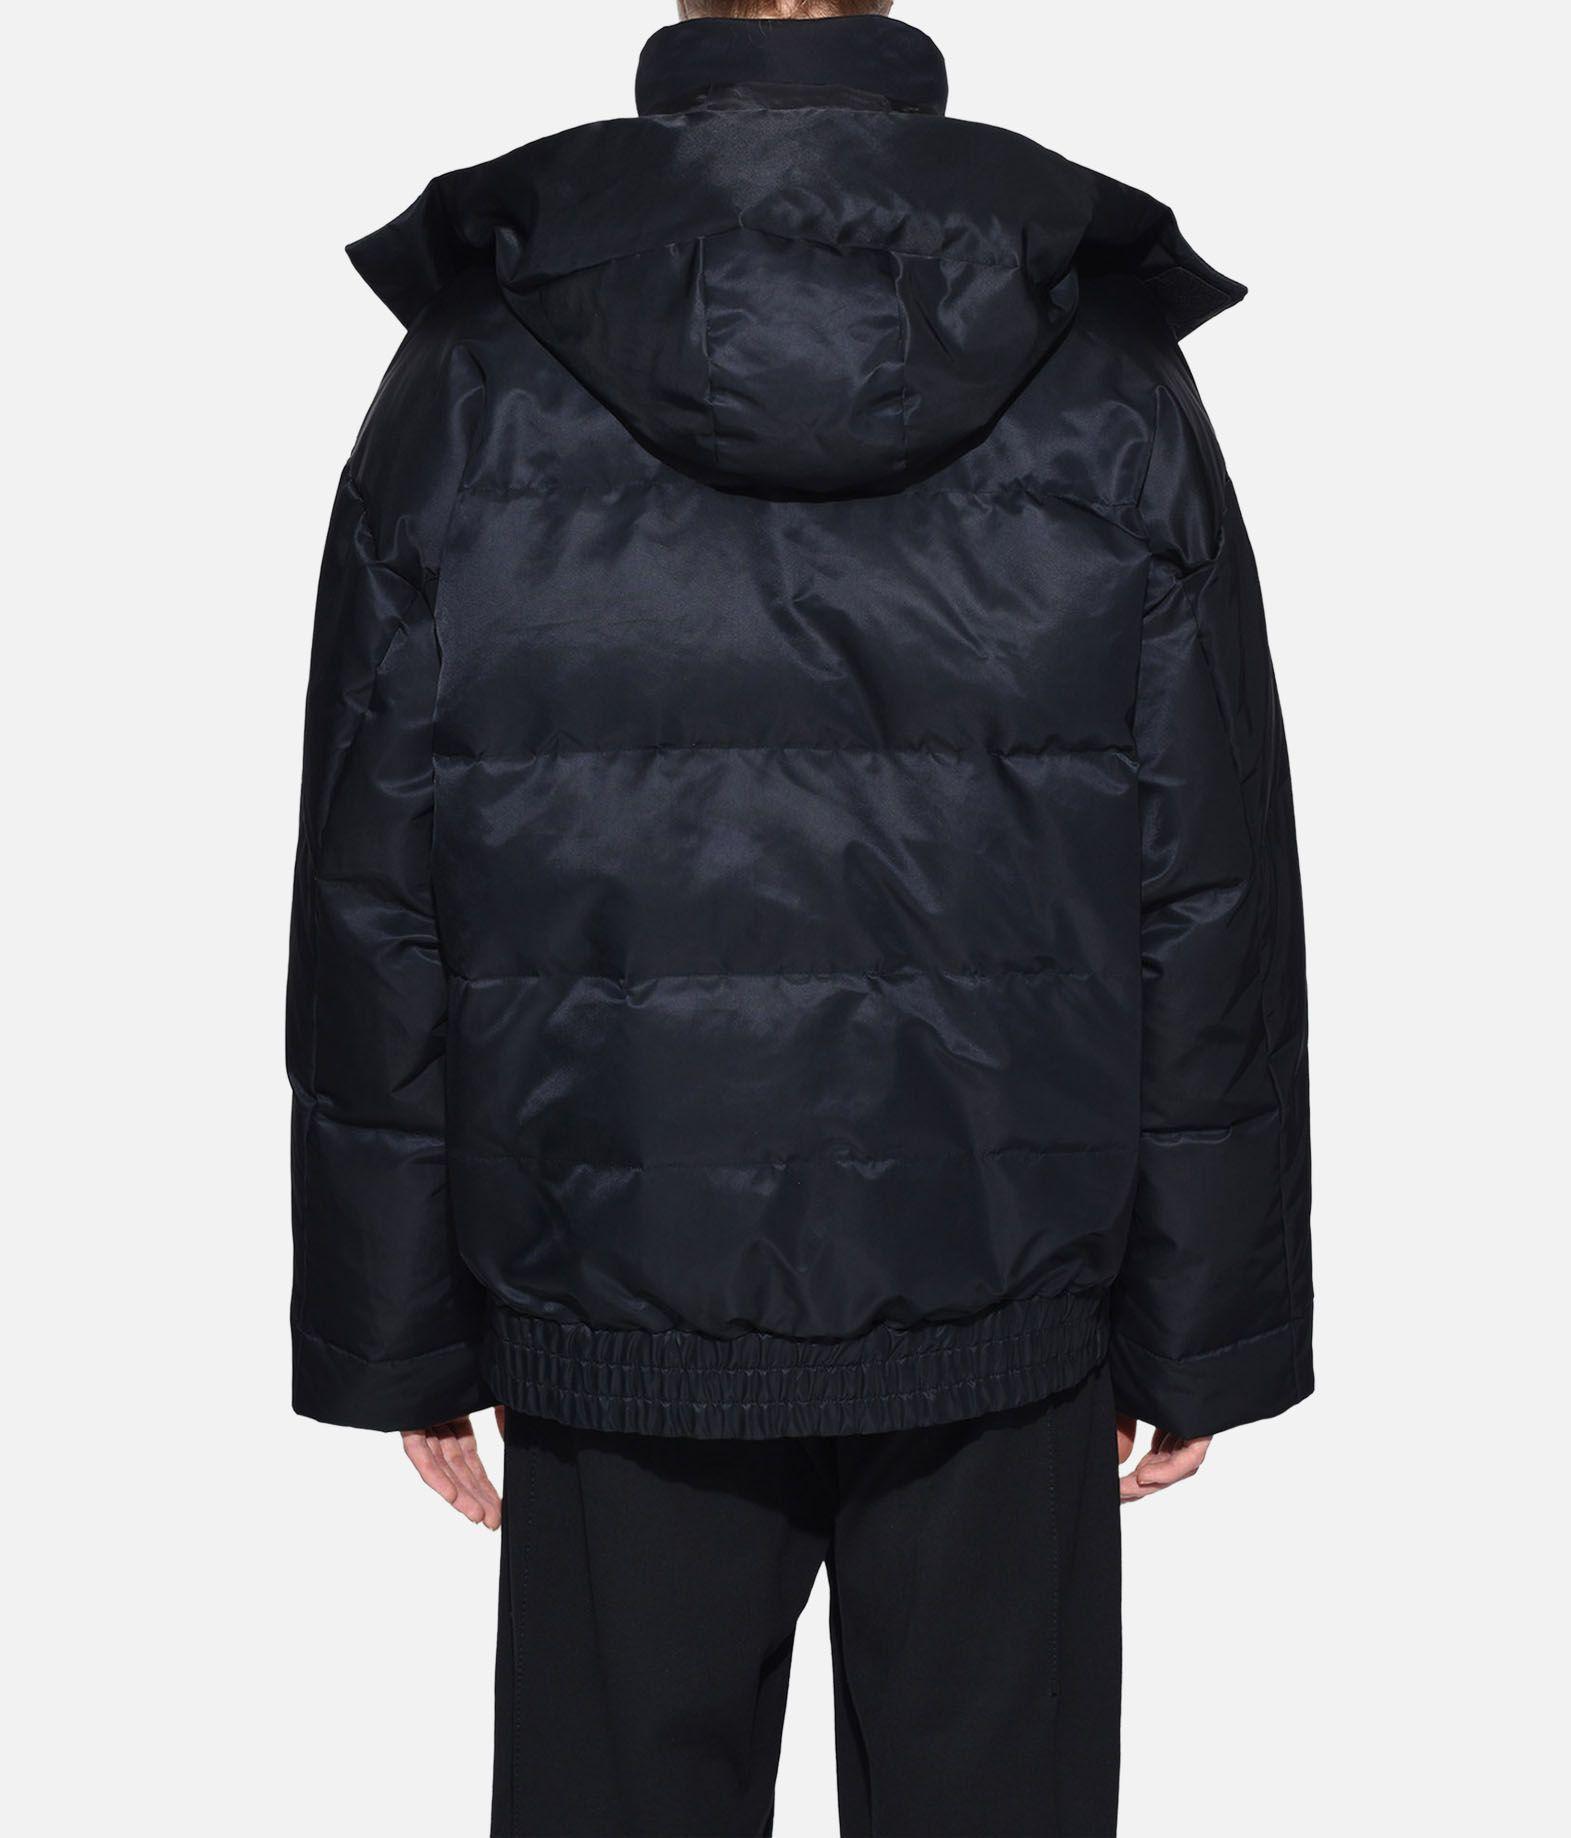 Y-3 Y-3 Down Hoodie Jacket Пуховик Для Женщин d